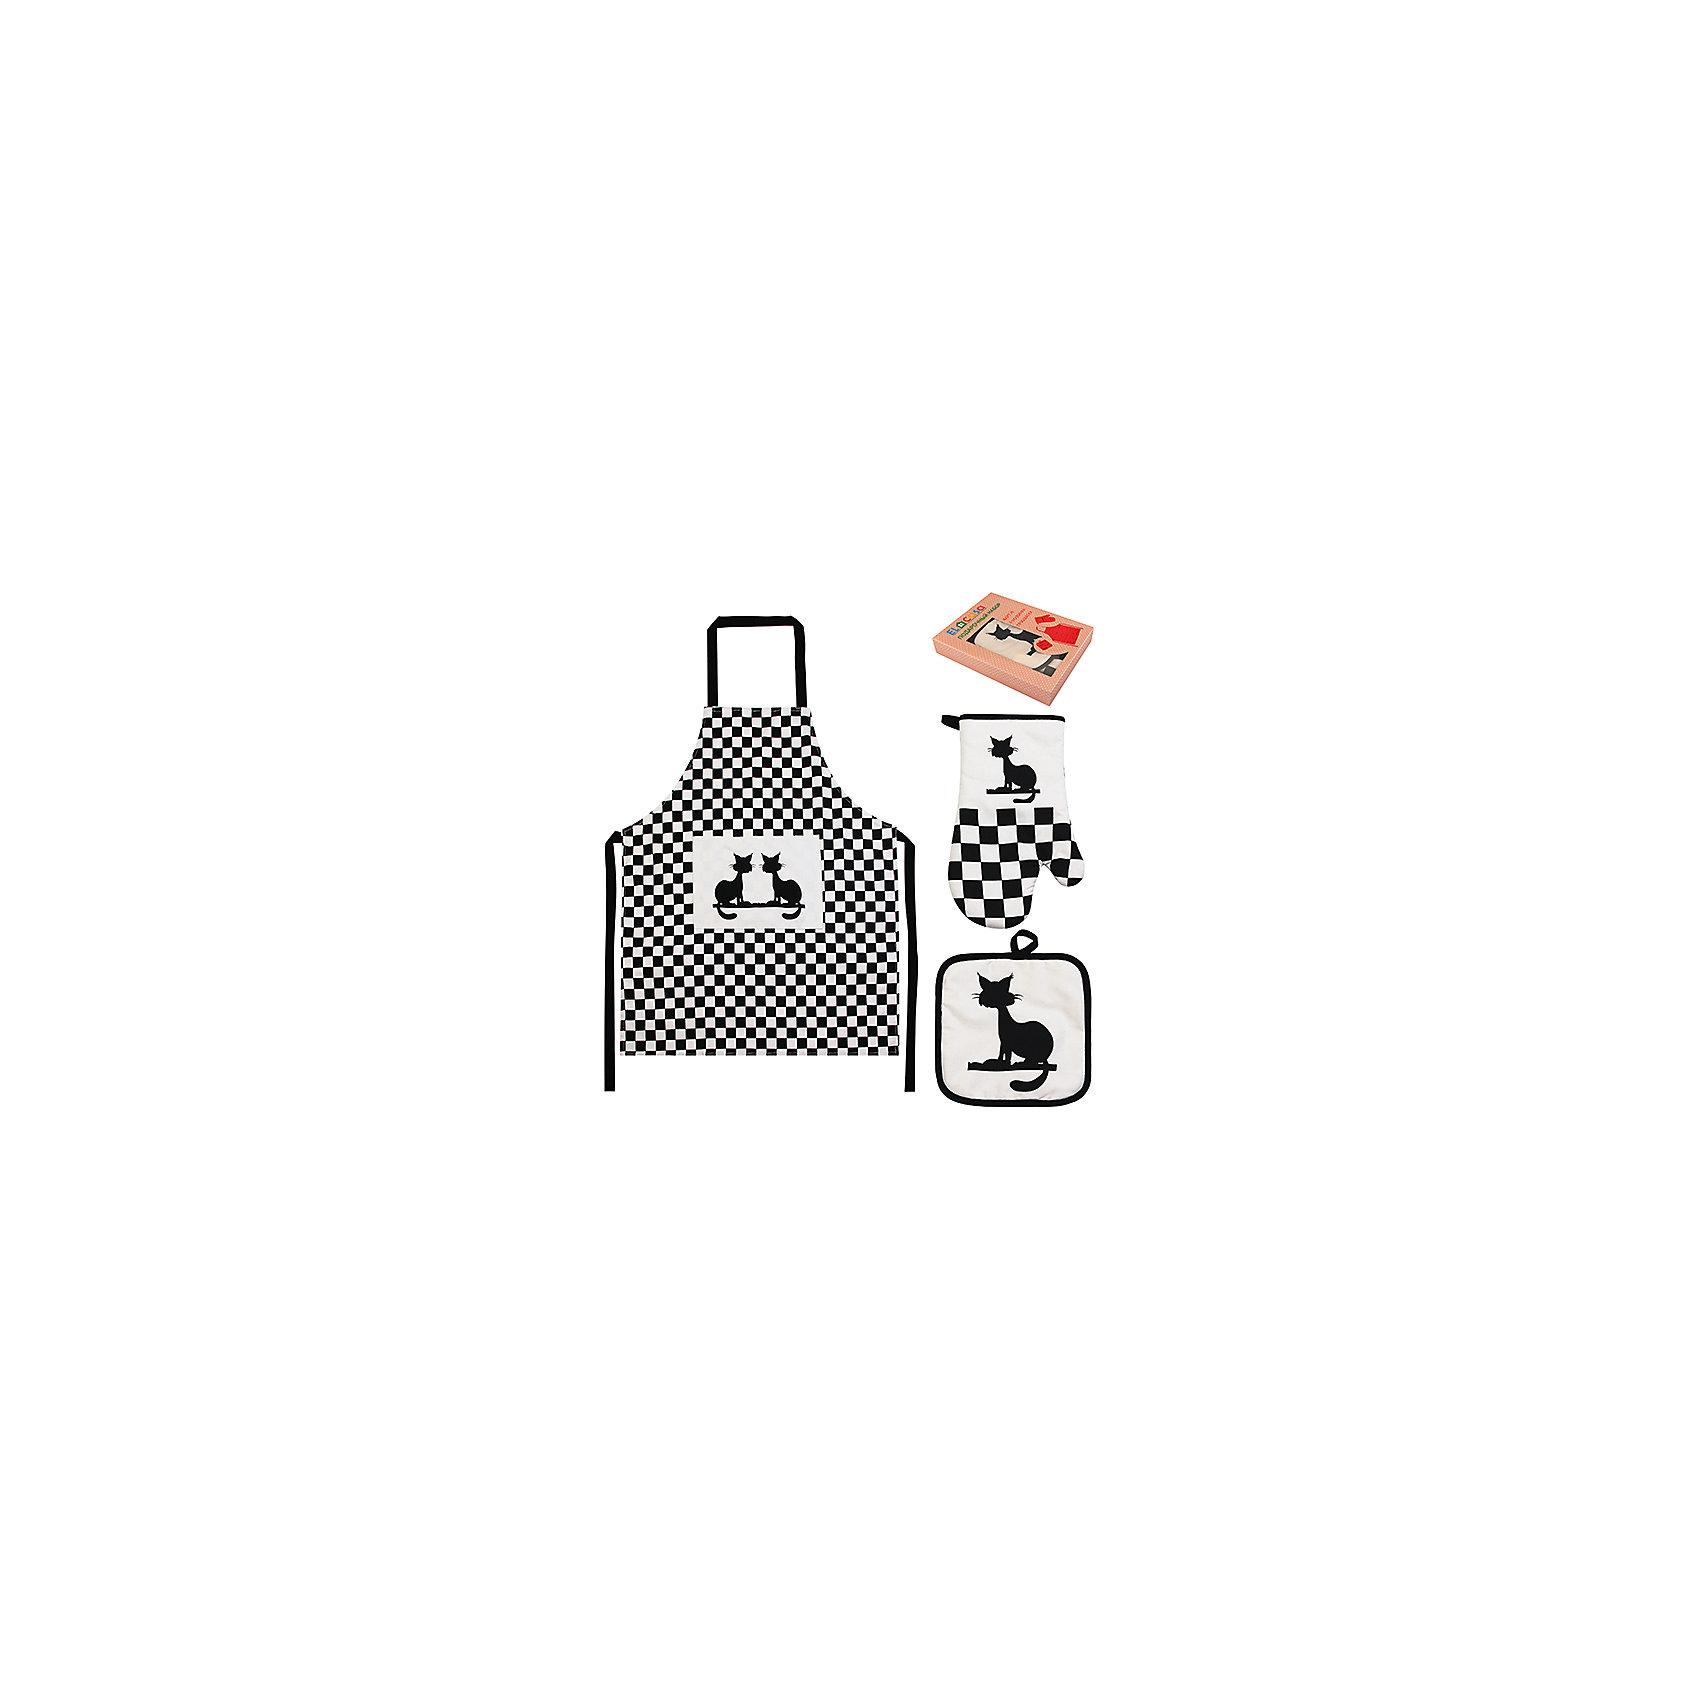 Набор: фартук, прихватка, рукавичка Коты, EL CasaПосуда<br>Набор включает в себя фартук, одну прихватку и одну прихватку-рукавицу  и предлагается в подарочной коробке. Оригинальный дизайн понравится любой хозяйке и защитит одежду от загрязнения.<br><br>Ширина мм: 230<br>Глубина мм: 45<br>Высота мм: 300<br>Вес г: 415<br>Возраст от месяцев: 0<br>Возраст до месяцев: 1188<br>Пол: Унисекс<br>Возраст: Детский<br>SKU: 6668806